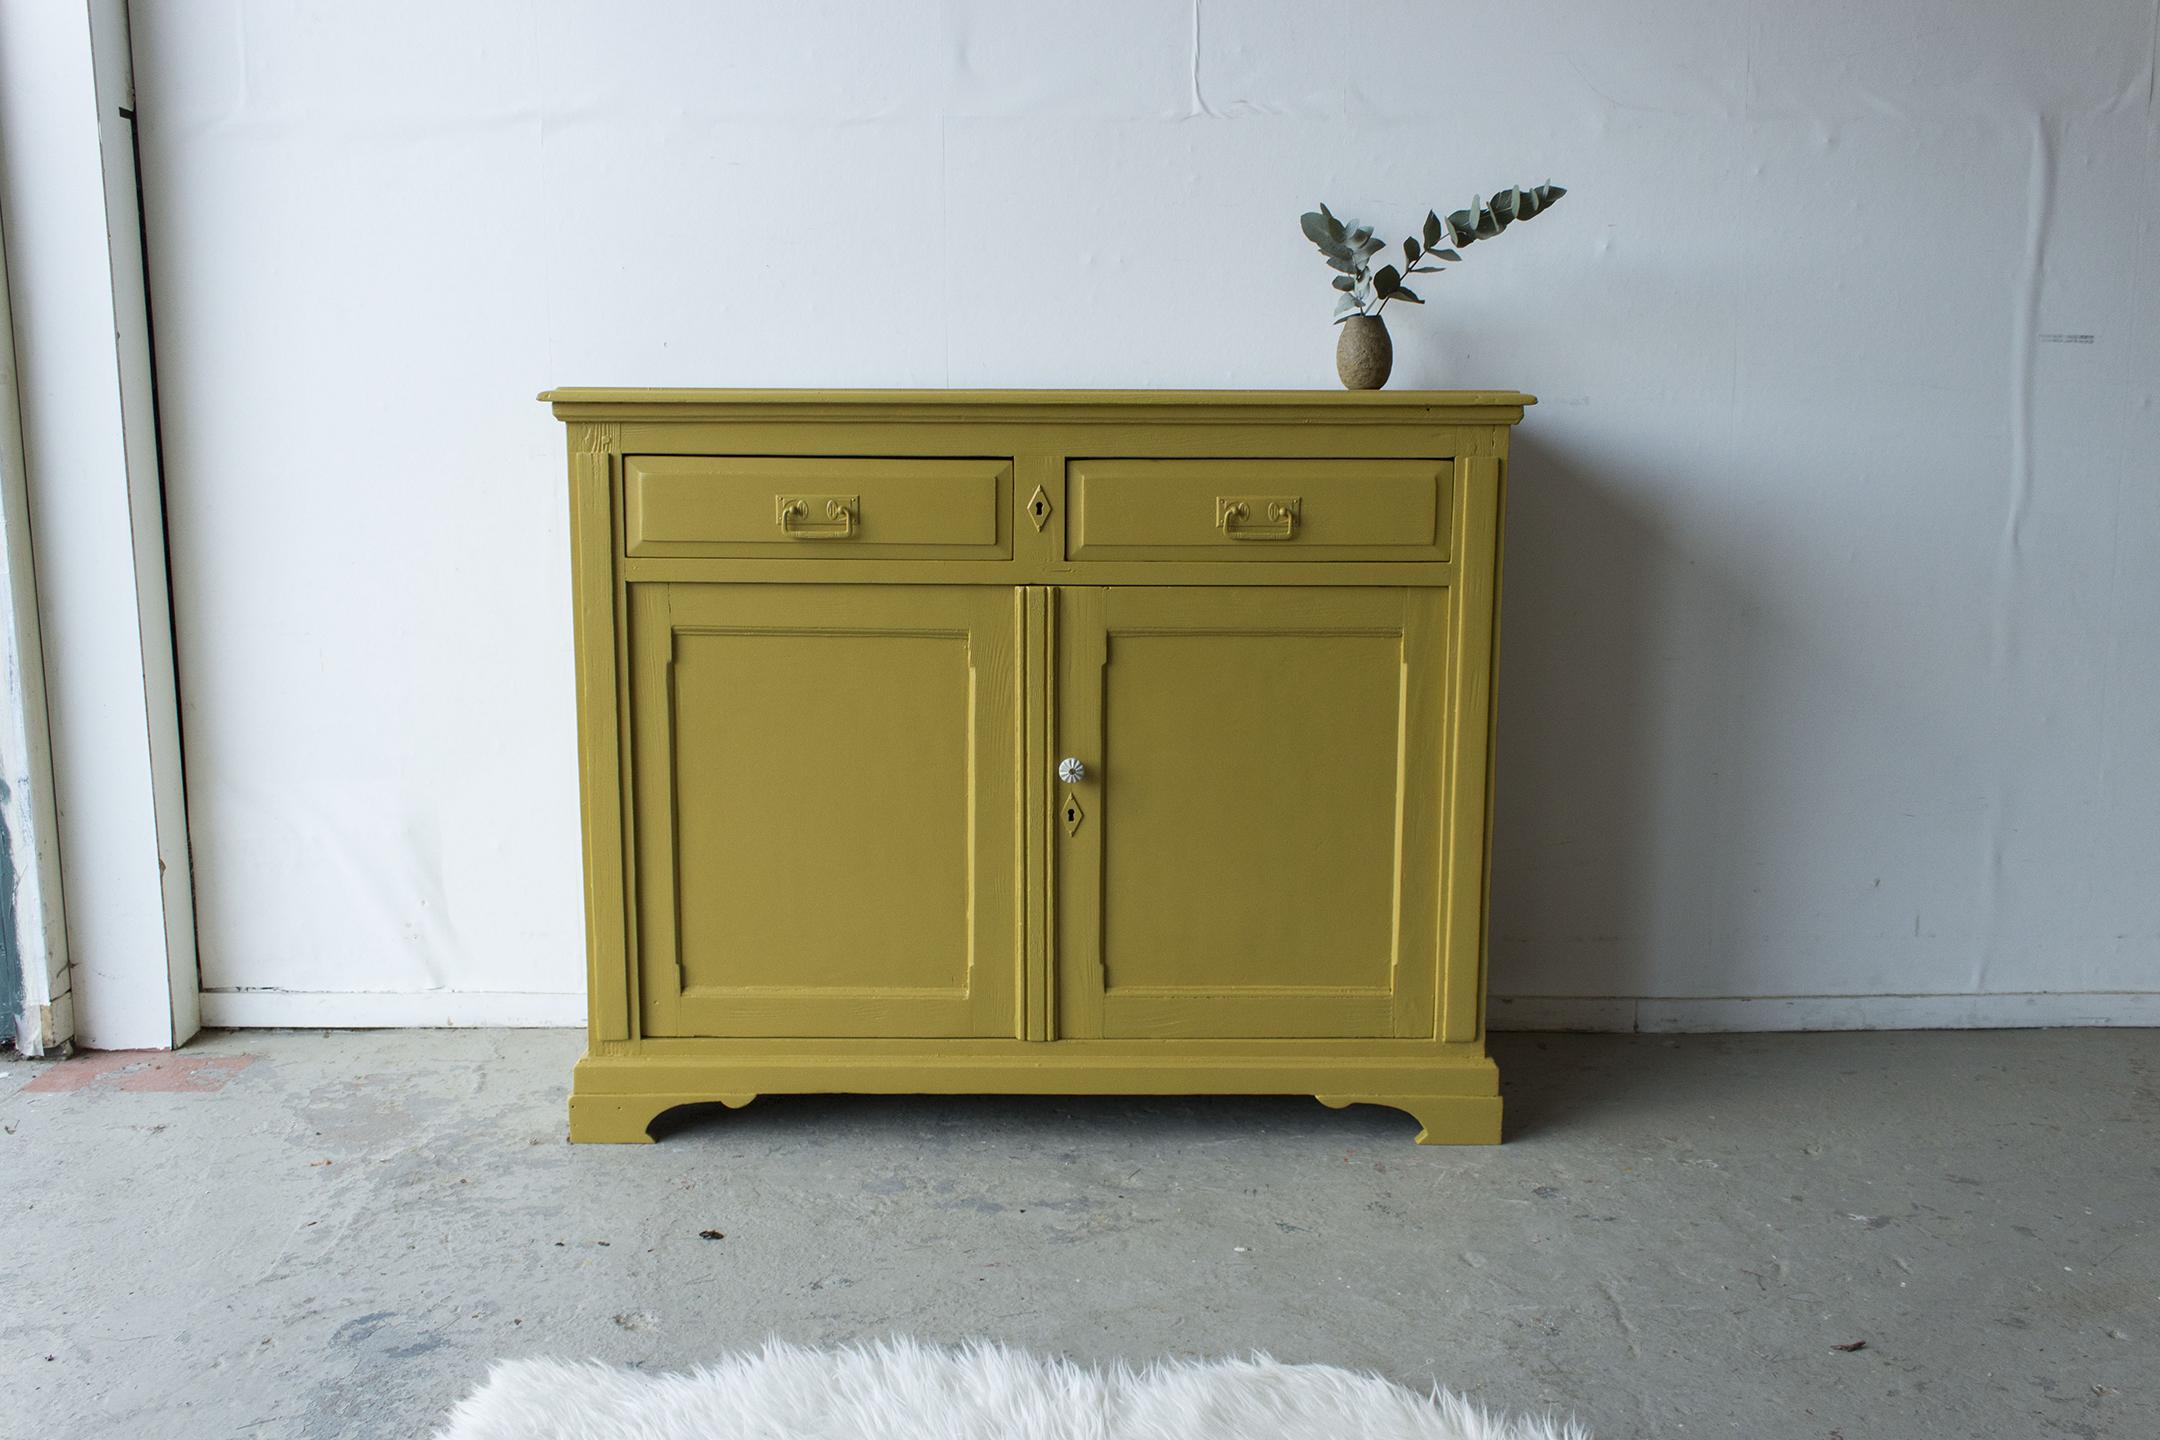 2163 - Okergeel vintage kastje - Firma zoethout_3.jpg